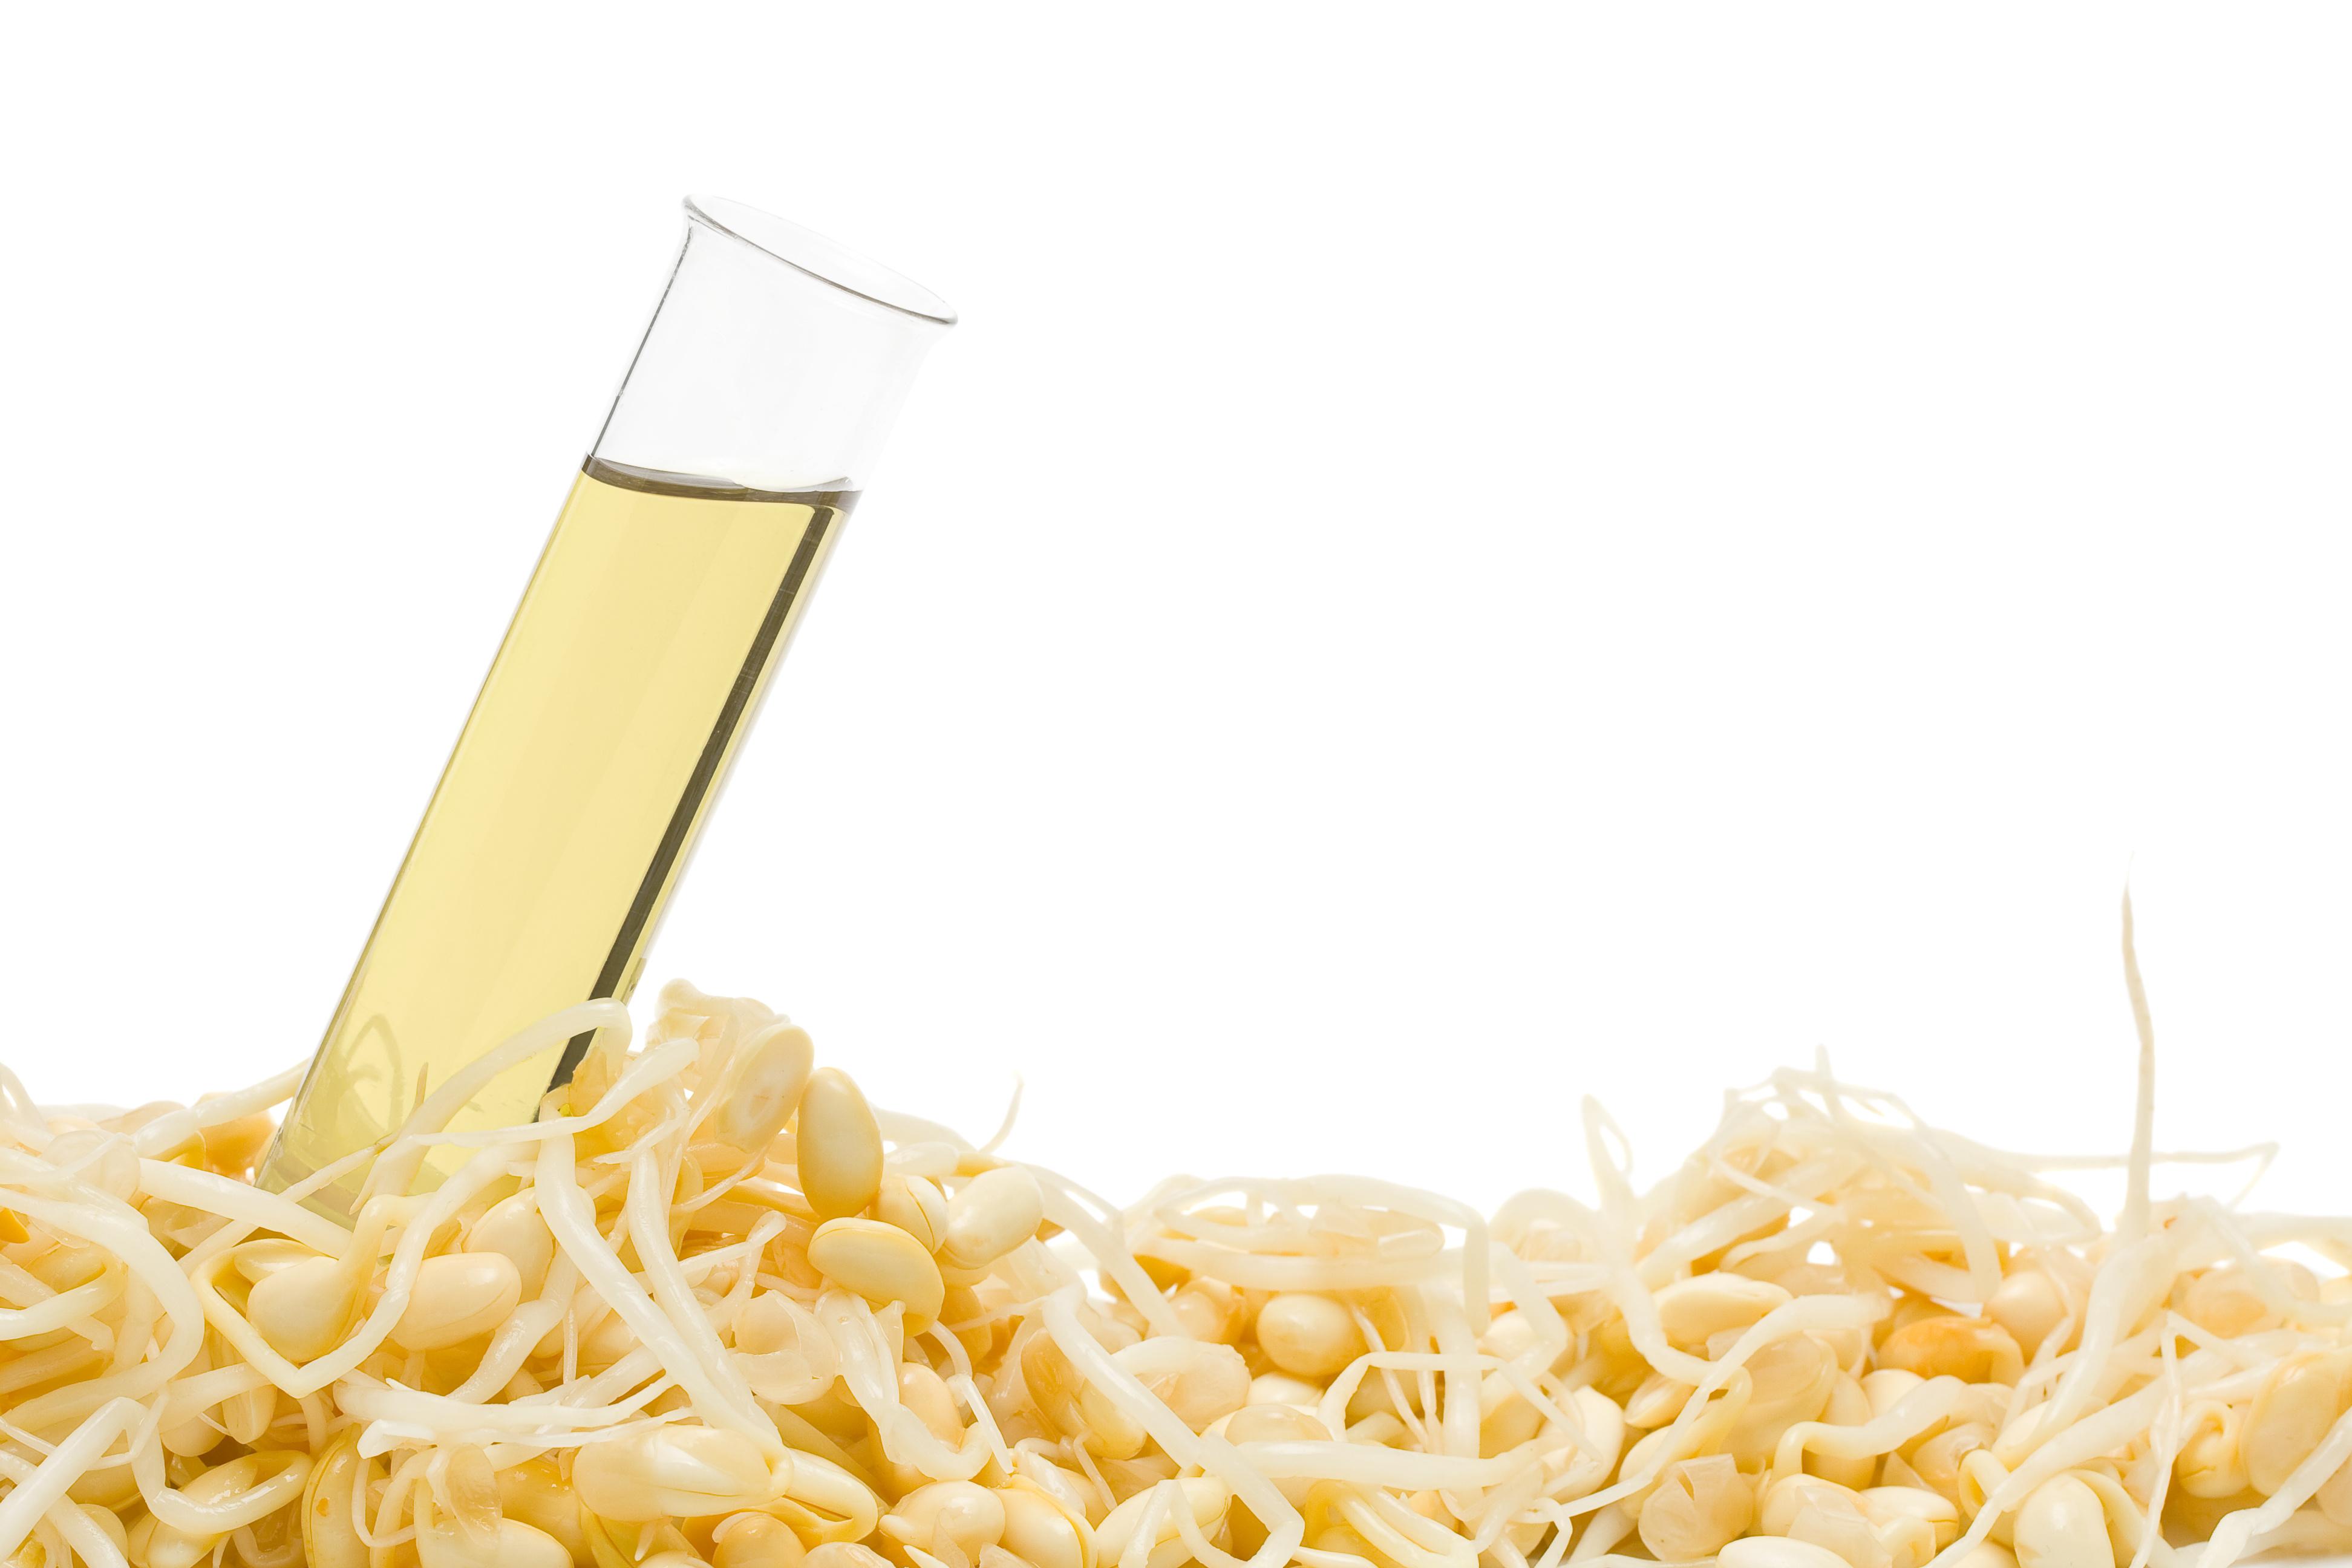 La consommation régulière d'huile de soja entraîne aussi des changements génétiques dans le cerveau et pourrait ainsi affecter le risque de troubles neurologiques comme l'autisme, la maladie d'Alzheimer, l'anxiété et la dépression.